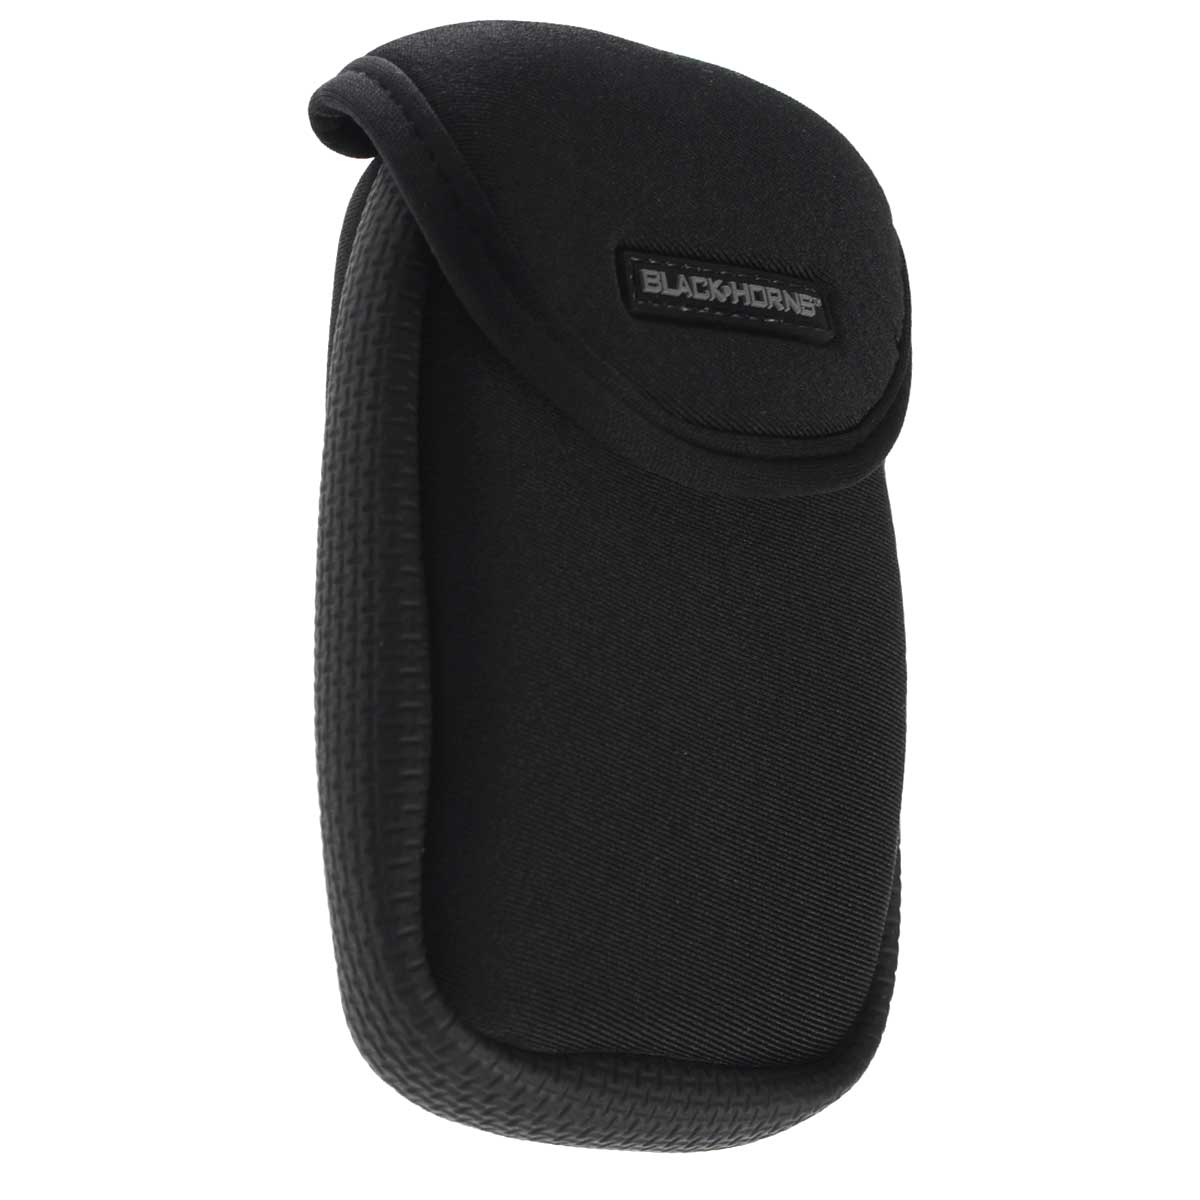 Набор 5 в 1 для приставки DS Lite (черный)BH-DSL09801Высокое качество изделия надежно защитит Вашу DS Lite от ударов, царапин, и других повреждений.Особенности продукта:Стильный, компактный и вместительный чехол для Вашей приставки.Чехол выполнен из высококачественной влагоустойчивой ткани.Внутренняя отделка - мягкий синтетический материал.Съемный карабин позволит надежно закрепить чехол на рюкзаке, сумке или ремне.Имеет отделение для аксессуаров. Чехол закрывается на застежку-липучку.Ремешок на руку защитит Вашу приставку от падений. С очищающей подушечкой экран Вашей приставки всегда будет оставаться чистым.